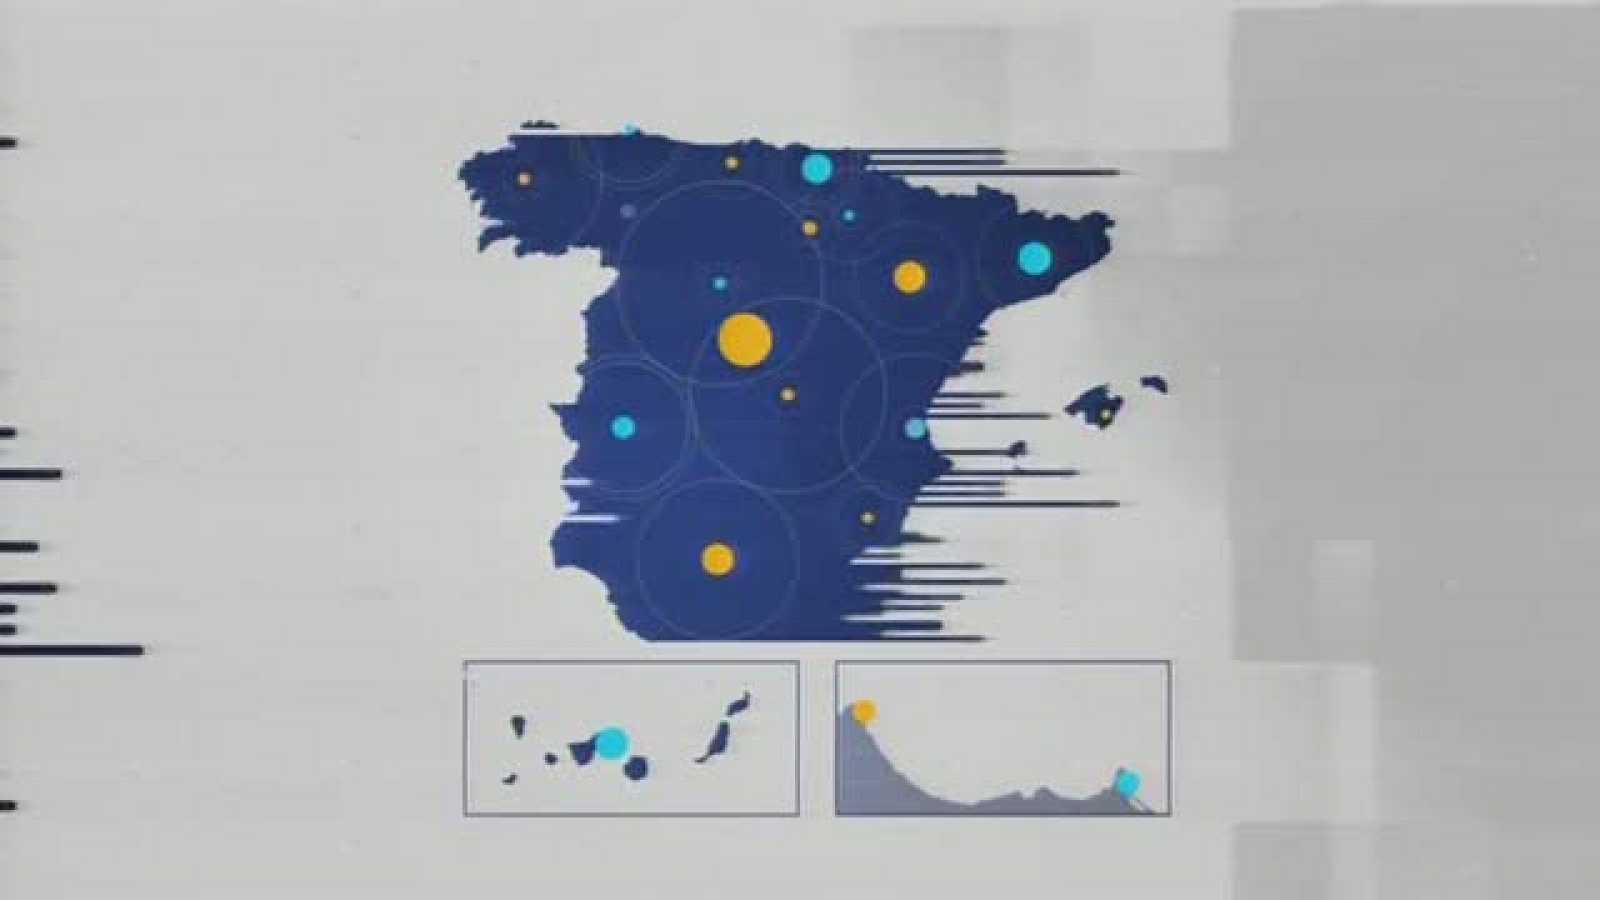 Noticias de Castilla-La Mancha 2 - 03/03/2021 - Ver ahora